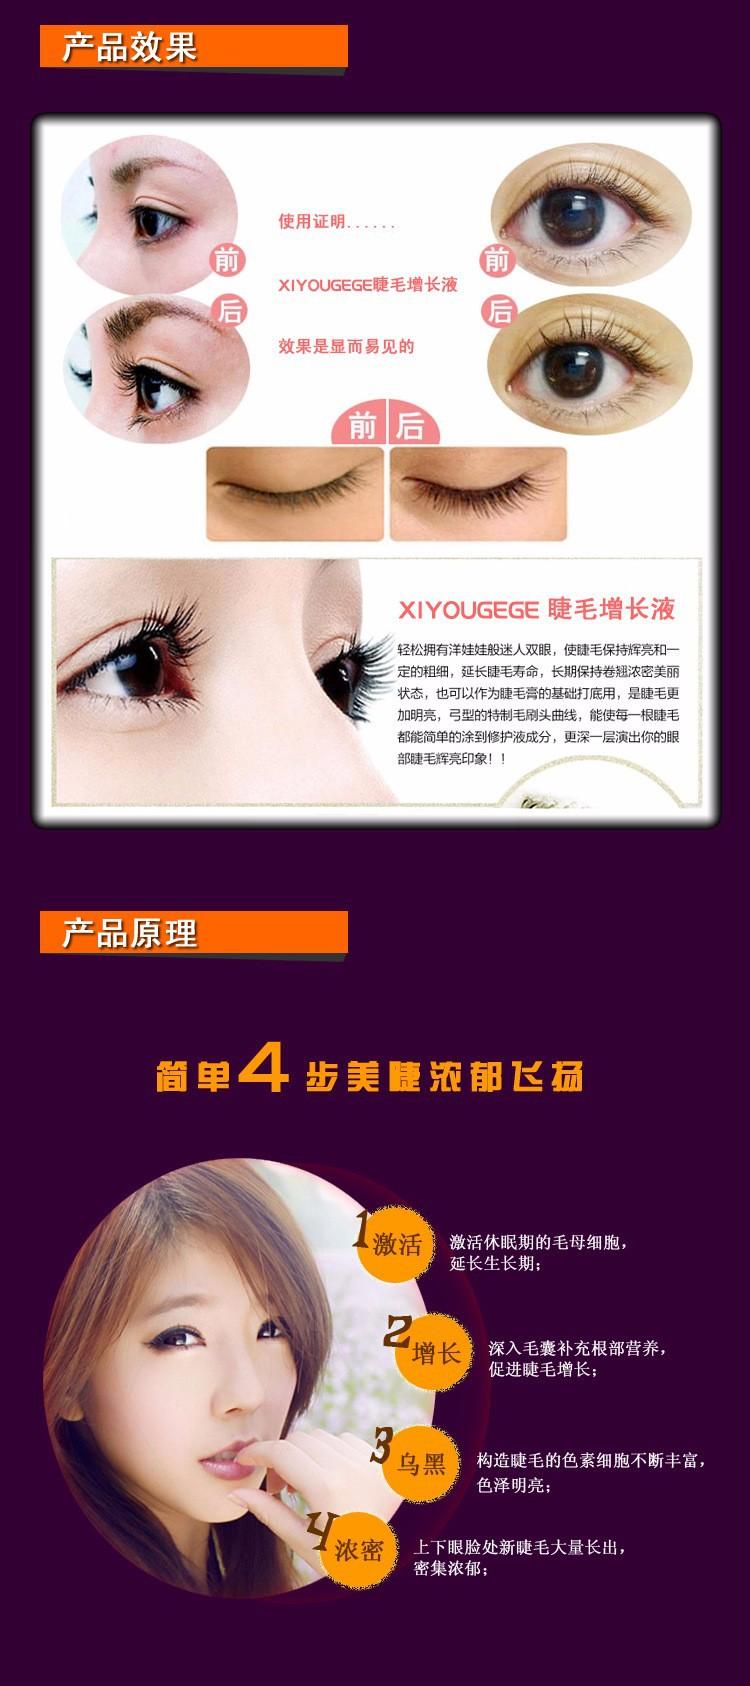 XIYaotang Eyelash growth was genuine ever thought possible bushy eyebrows eyelash growth liquid 10ml eye care essential oils 10